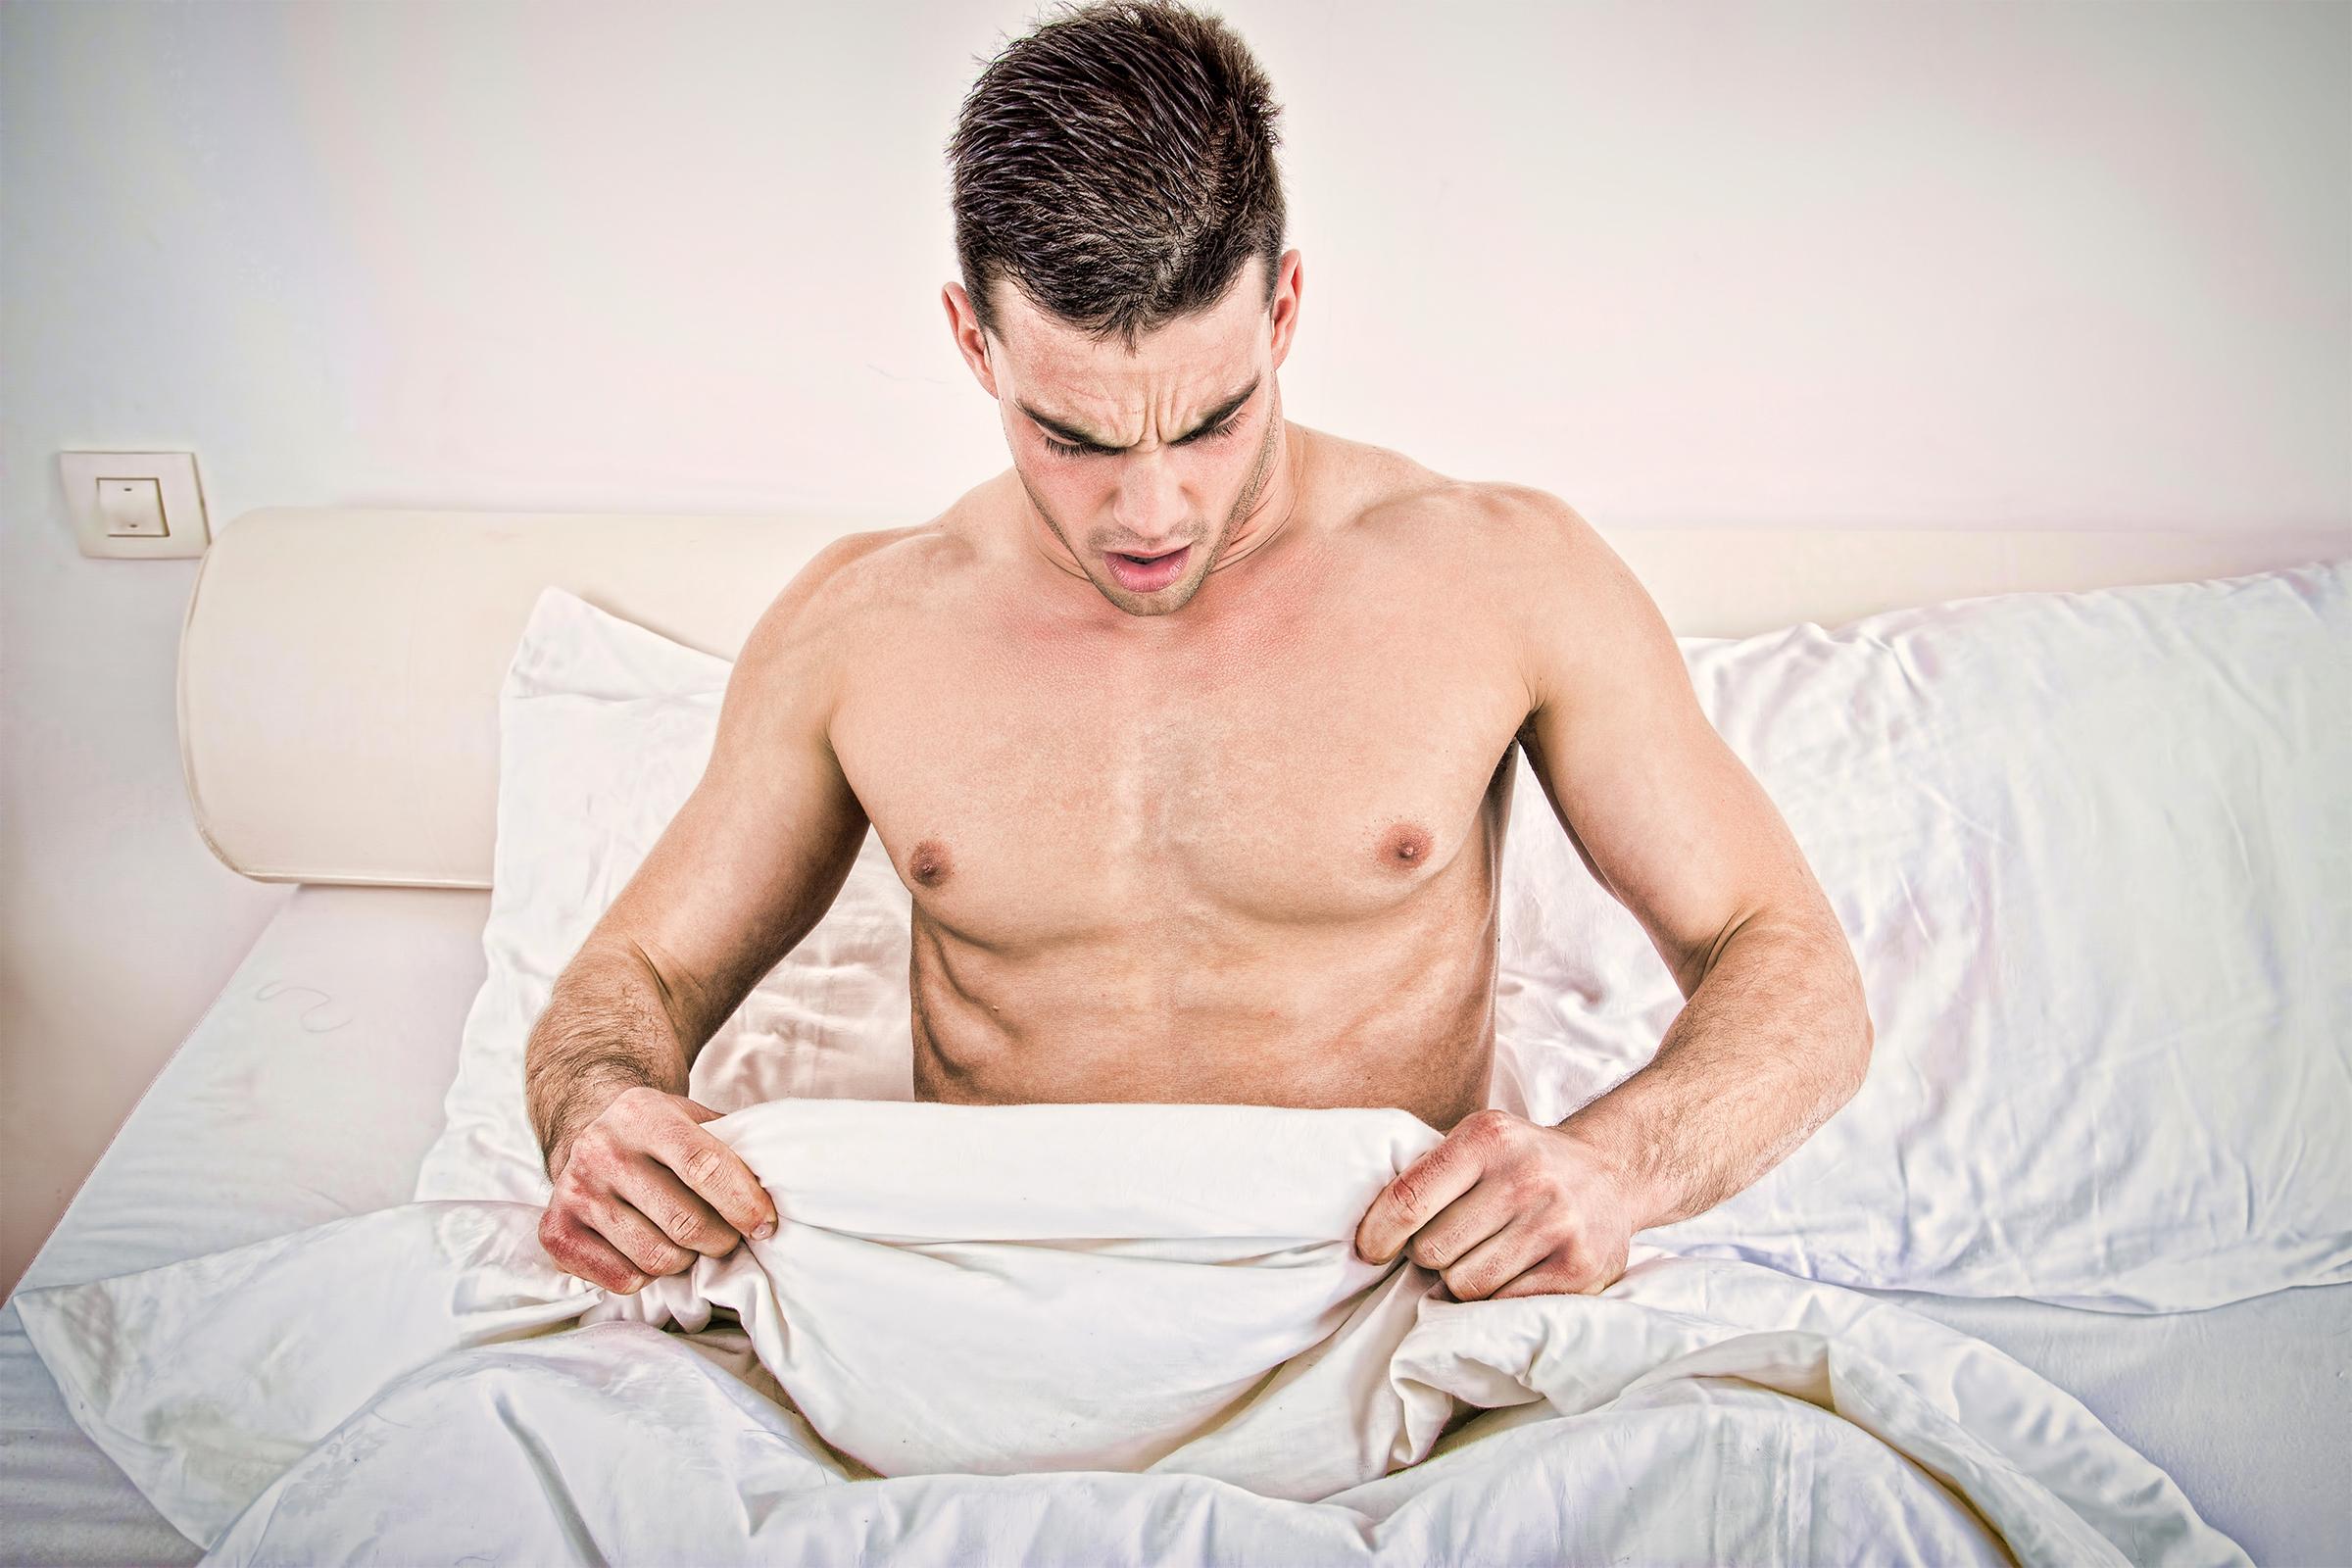 gyakorlatok a leghatékonyabb pénisznagyobbítás érdekében férfi pénisz a munkahelyen